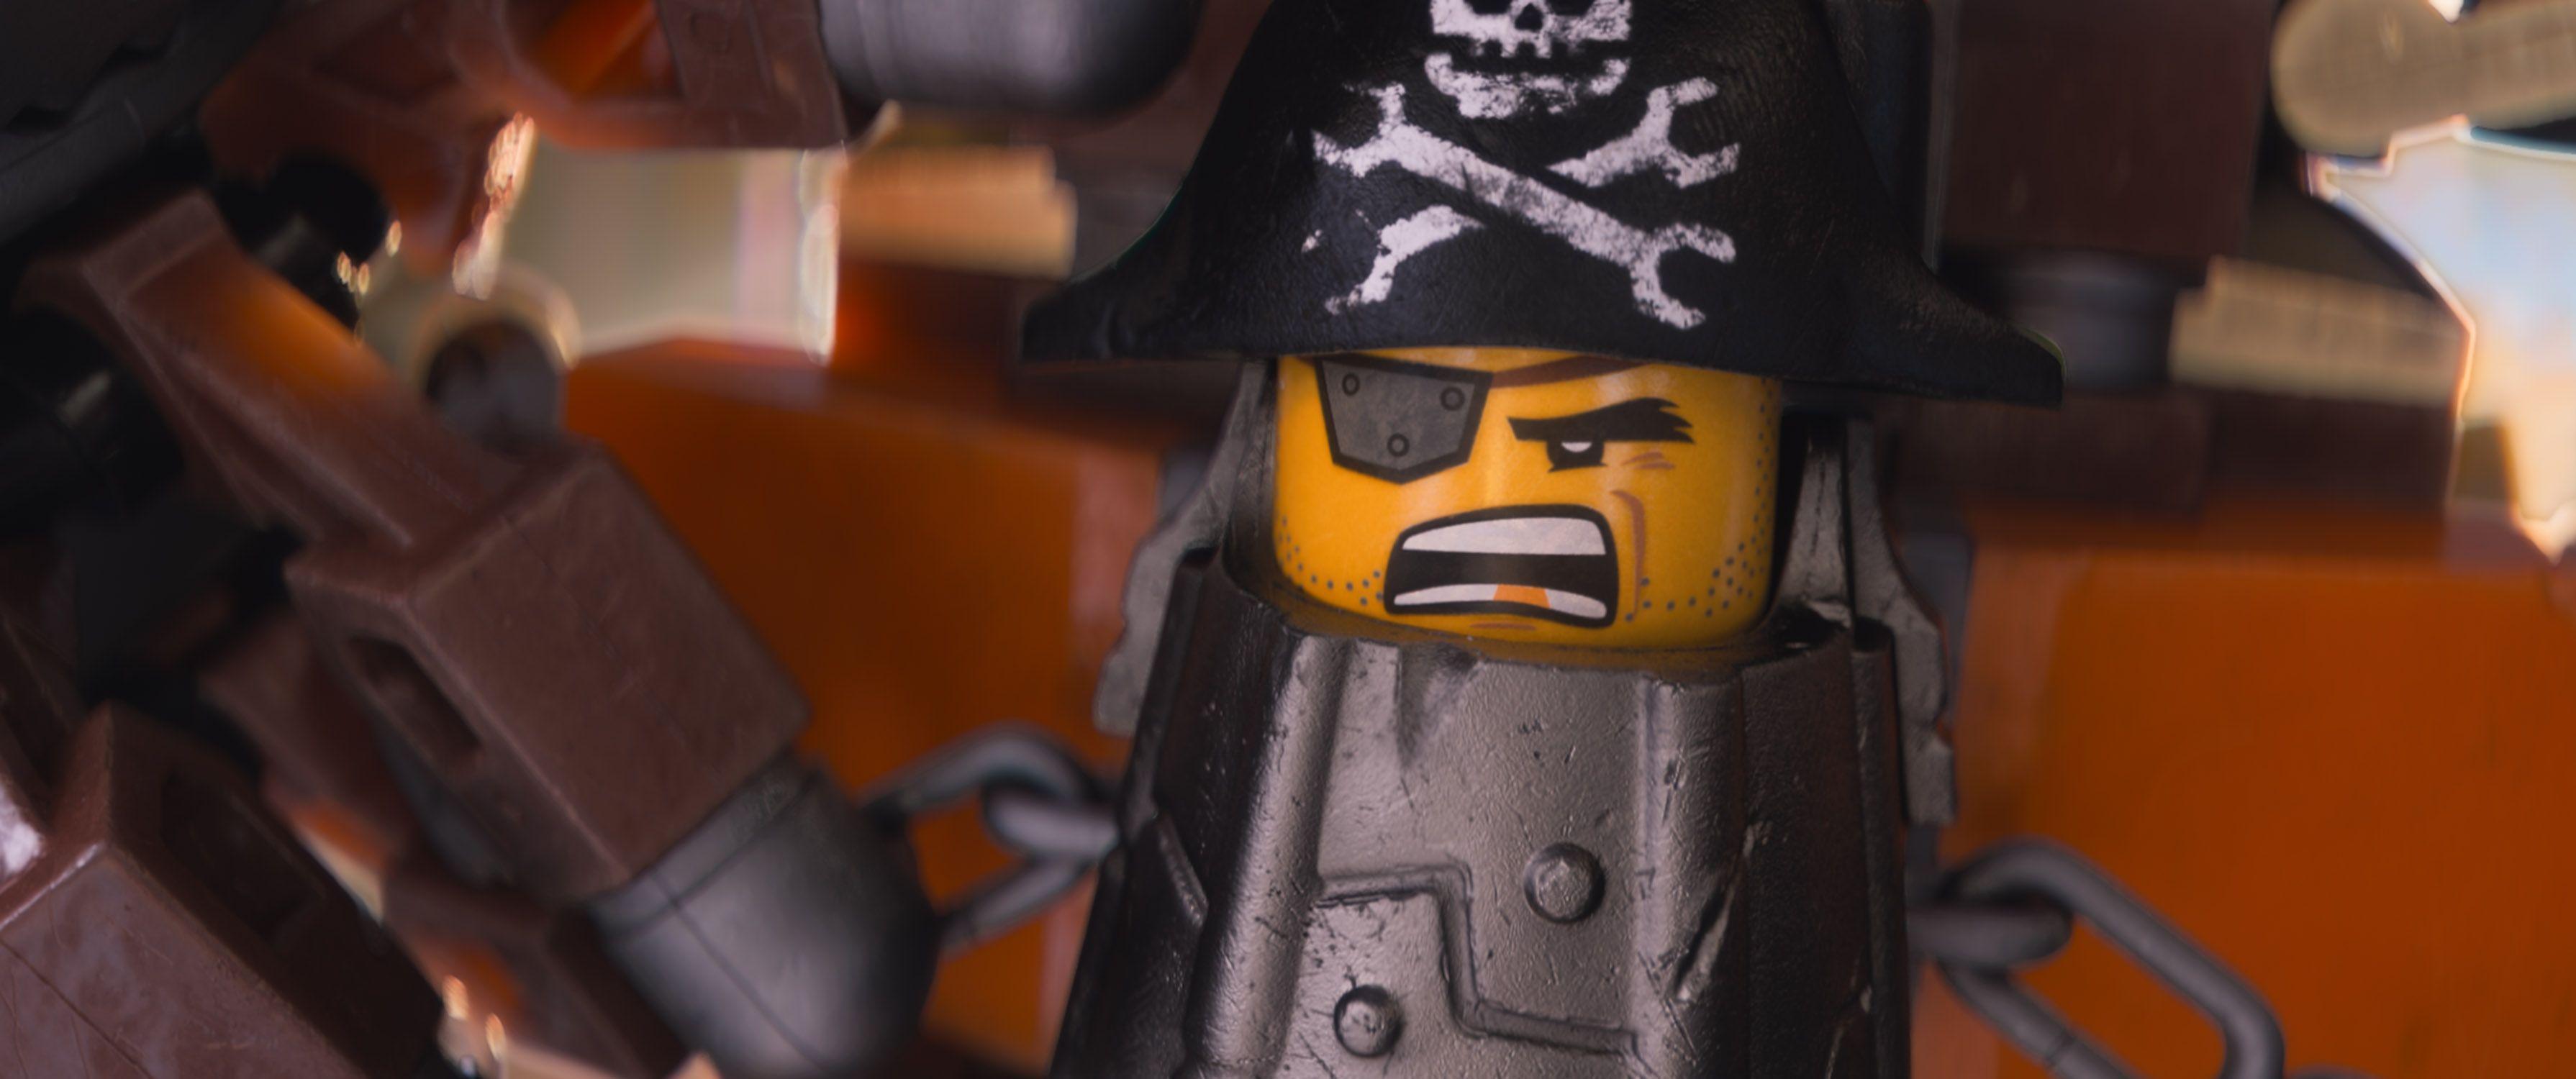 the lego movie images starring chris pratt will ferrell